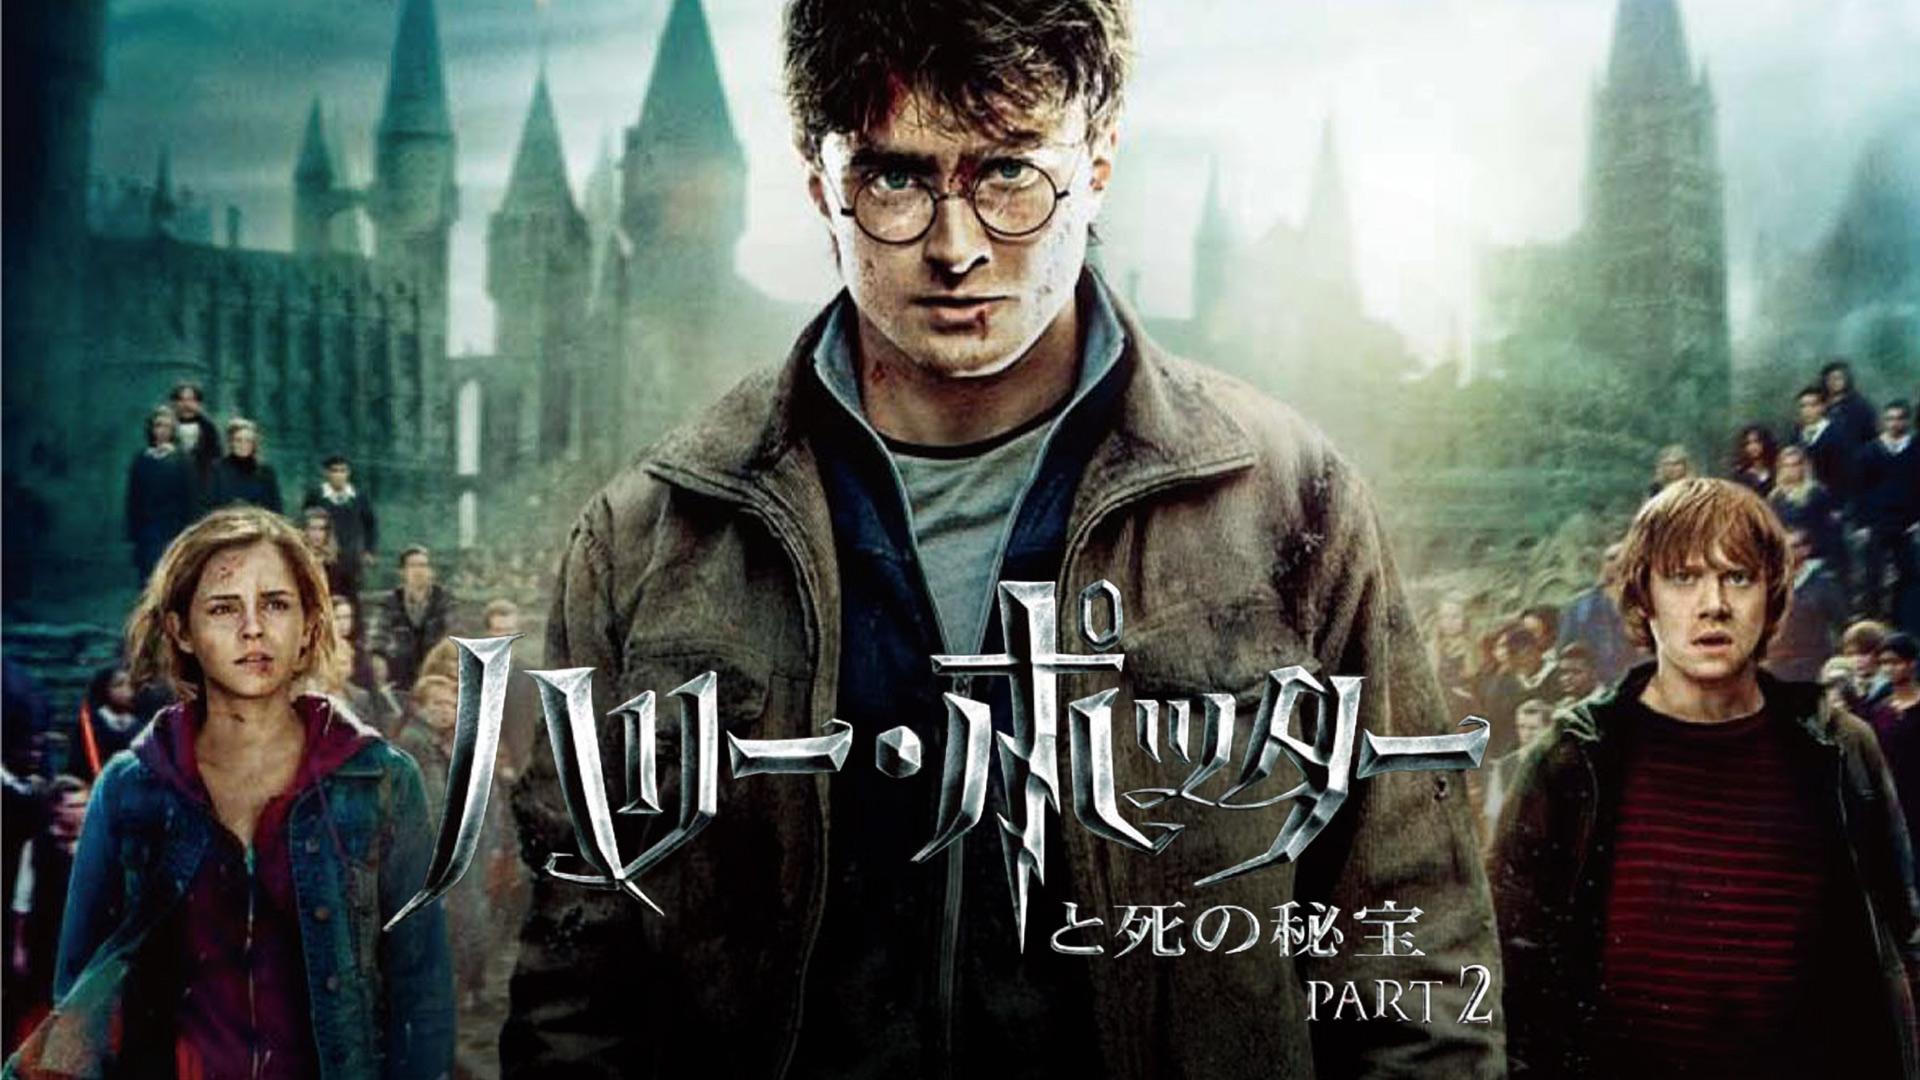 ハリー・ポッターと死の秘宝 PART 2 (字幕版)